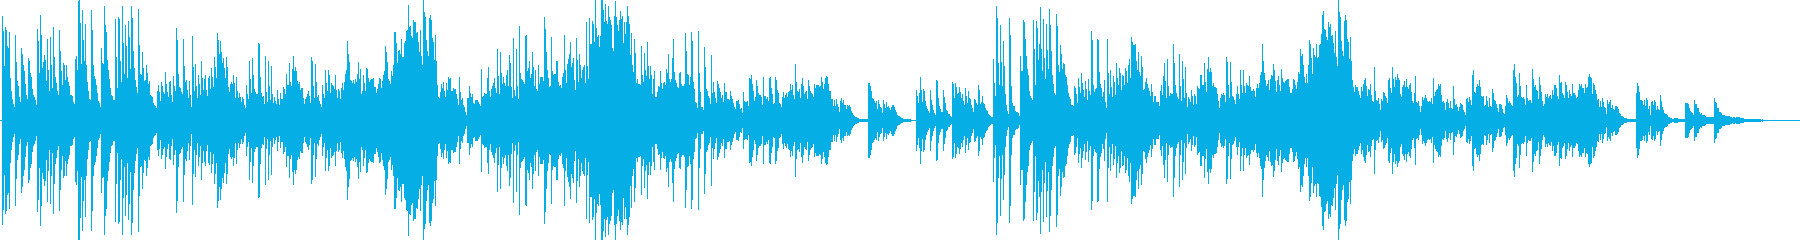 ハキハキと力強い響きの美しいピアノソロの再生済みの波形